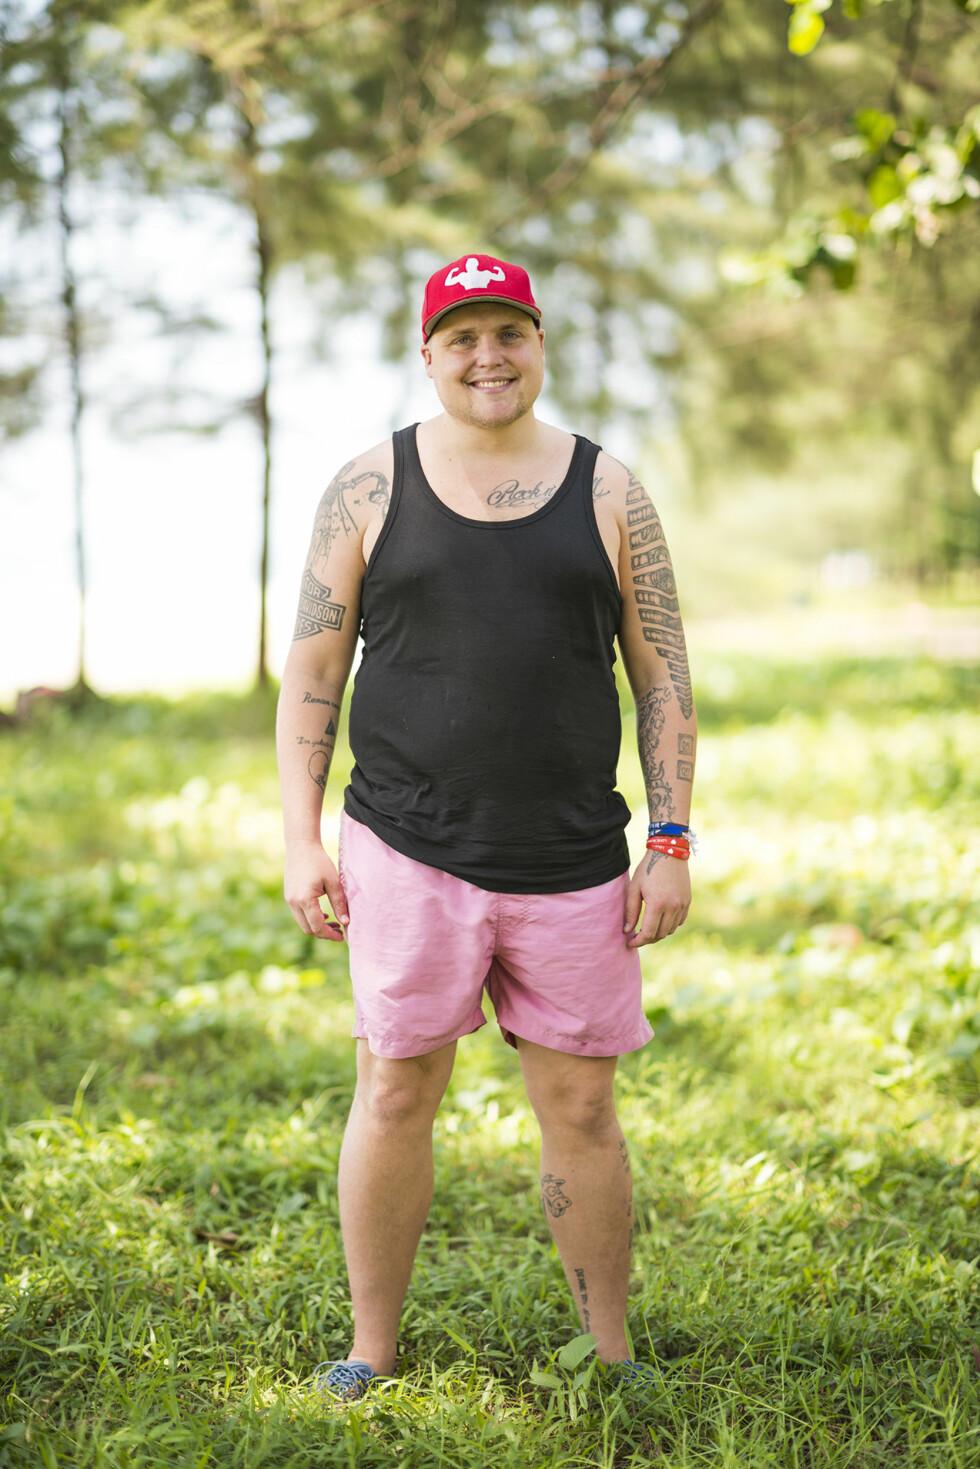 I EN ANNEN BOBLE: I 2013 deltok Stian Thorbjørnsen i «Robinsonekspedisjonen» på TV3. Under oppholdet gikk han ned en god del kilo, men den gang kom de raskt tilbake etter hjemreisen.  Foto: TV3